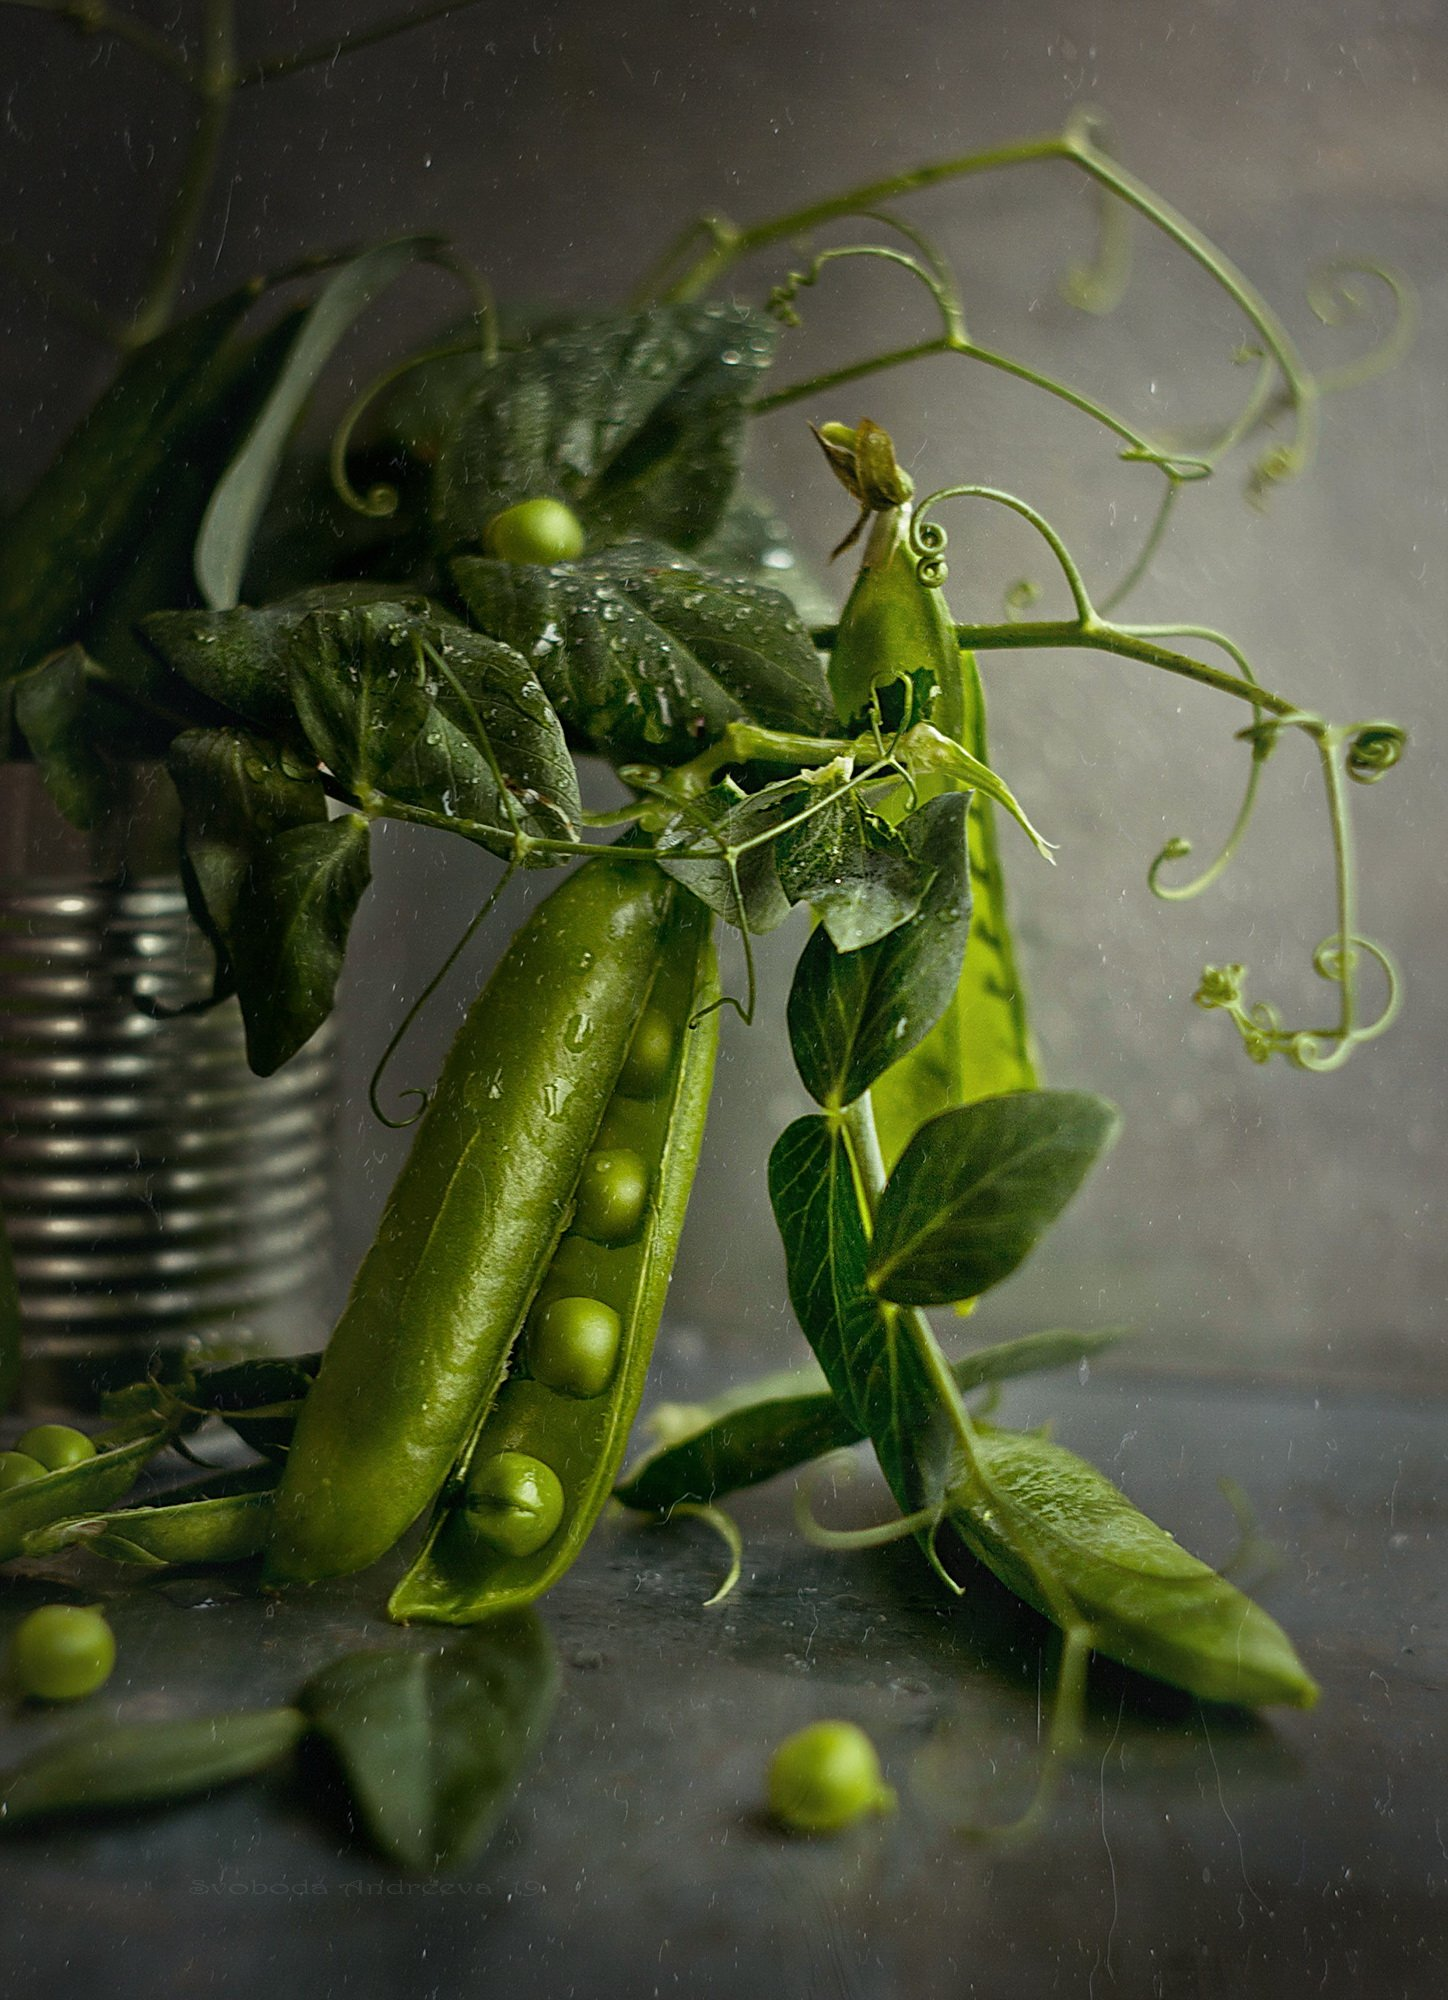 горошек зелень сладкий красивый натюрморт стручок лето воспоминания растение бобовые, Andreeva Svoboda